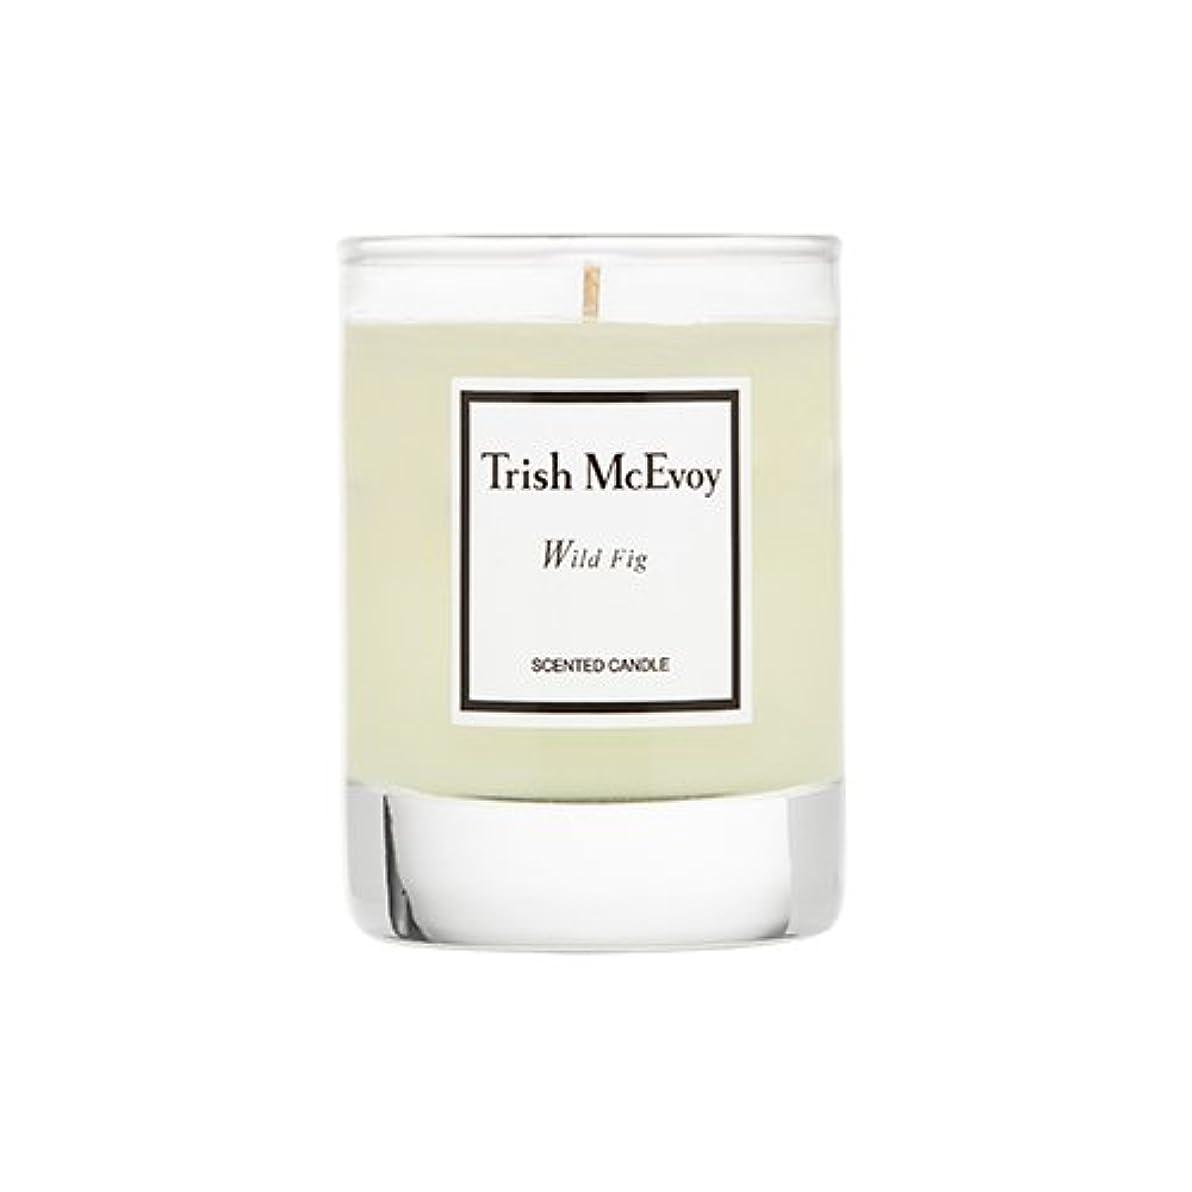 買い物に行くジェームズダイソン高層ビルTrish McEvoy Wild Fig Scented Candle Votive 2oz